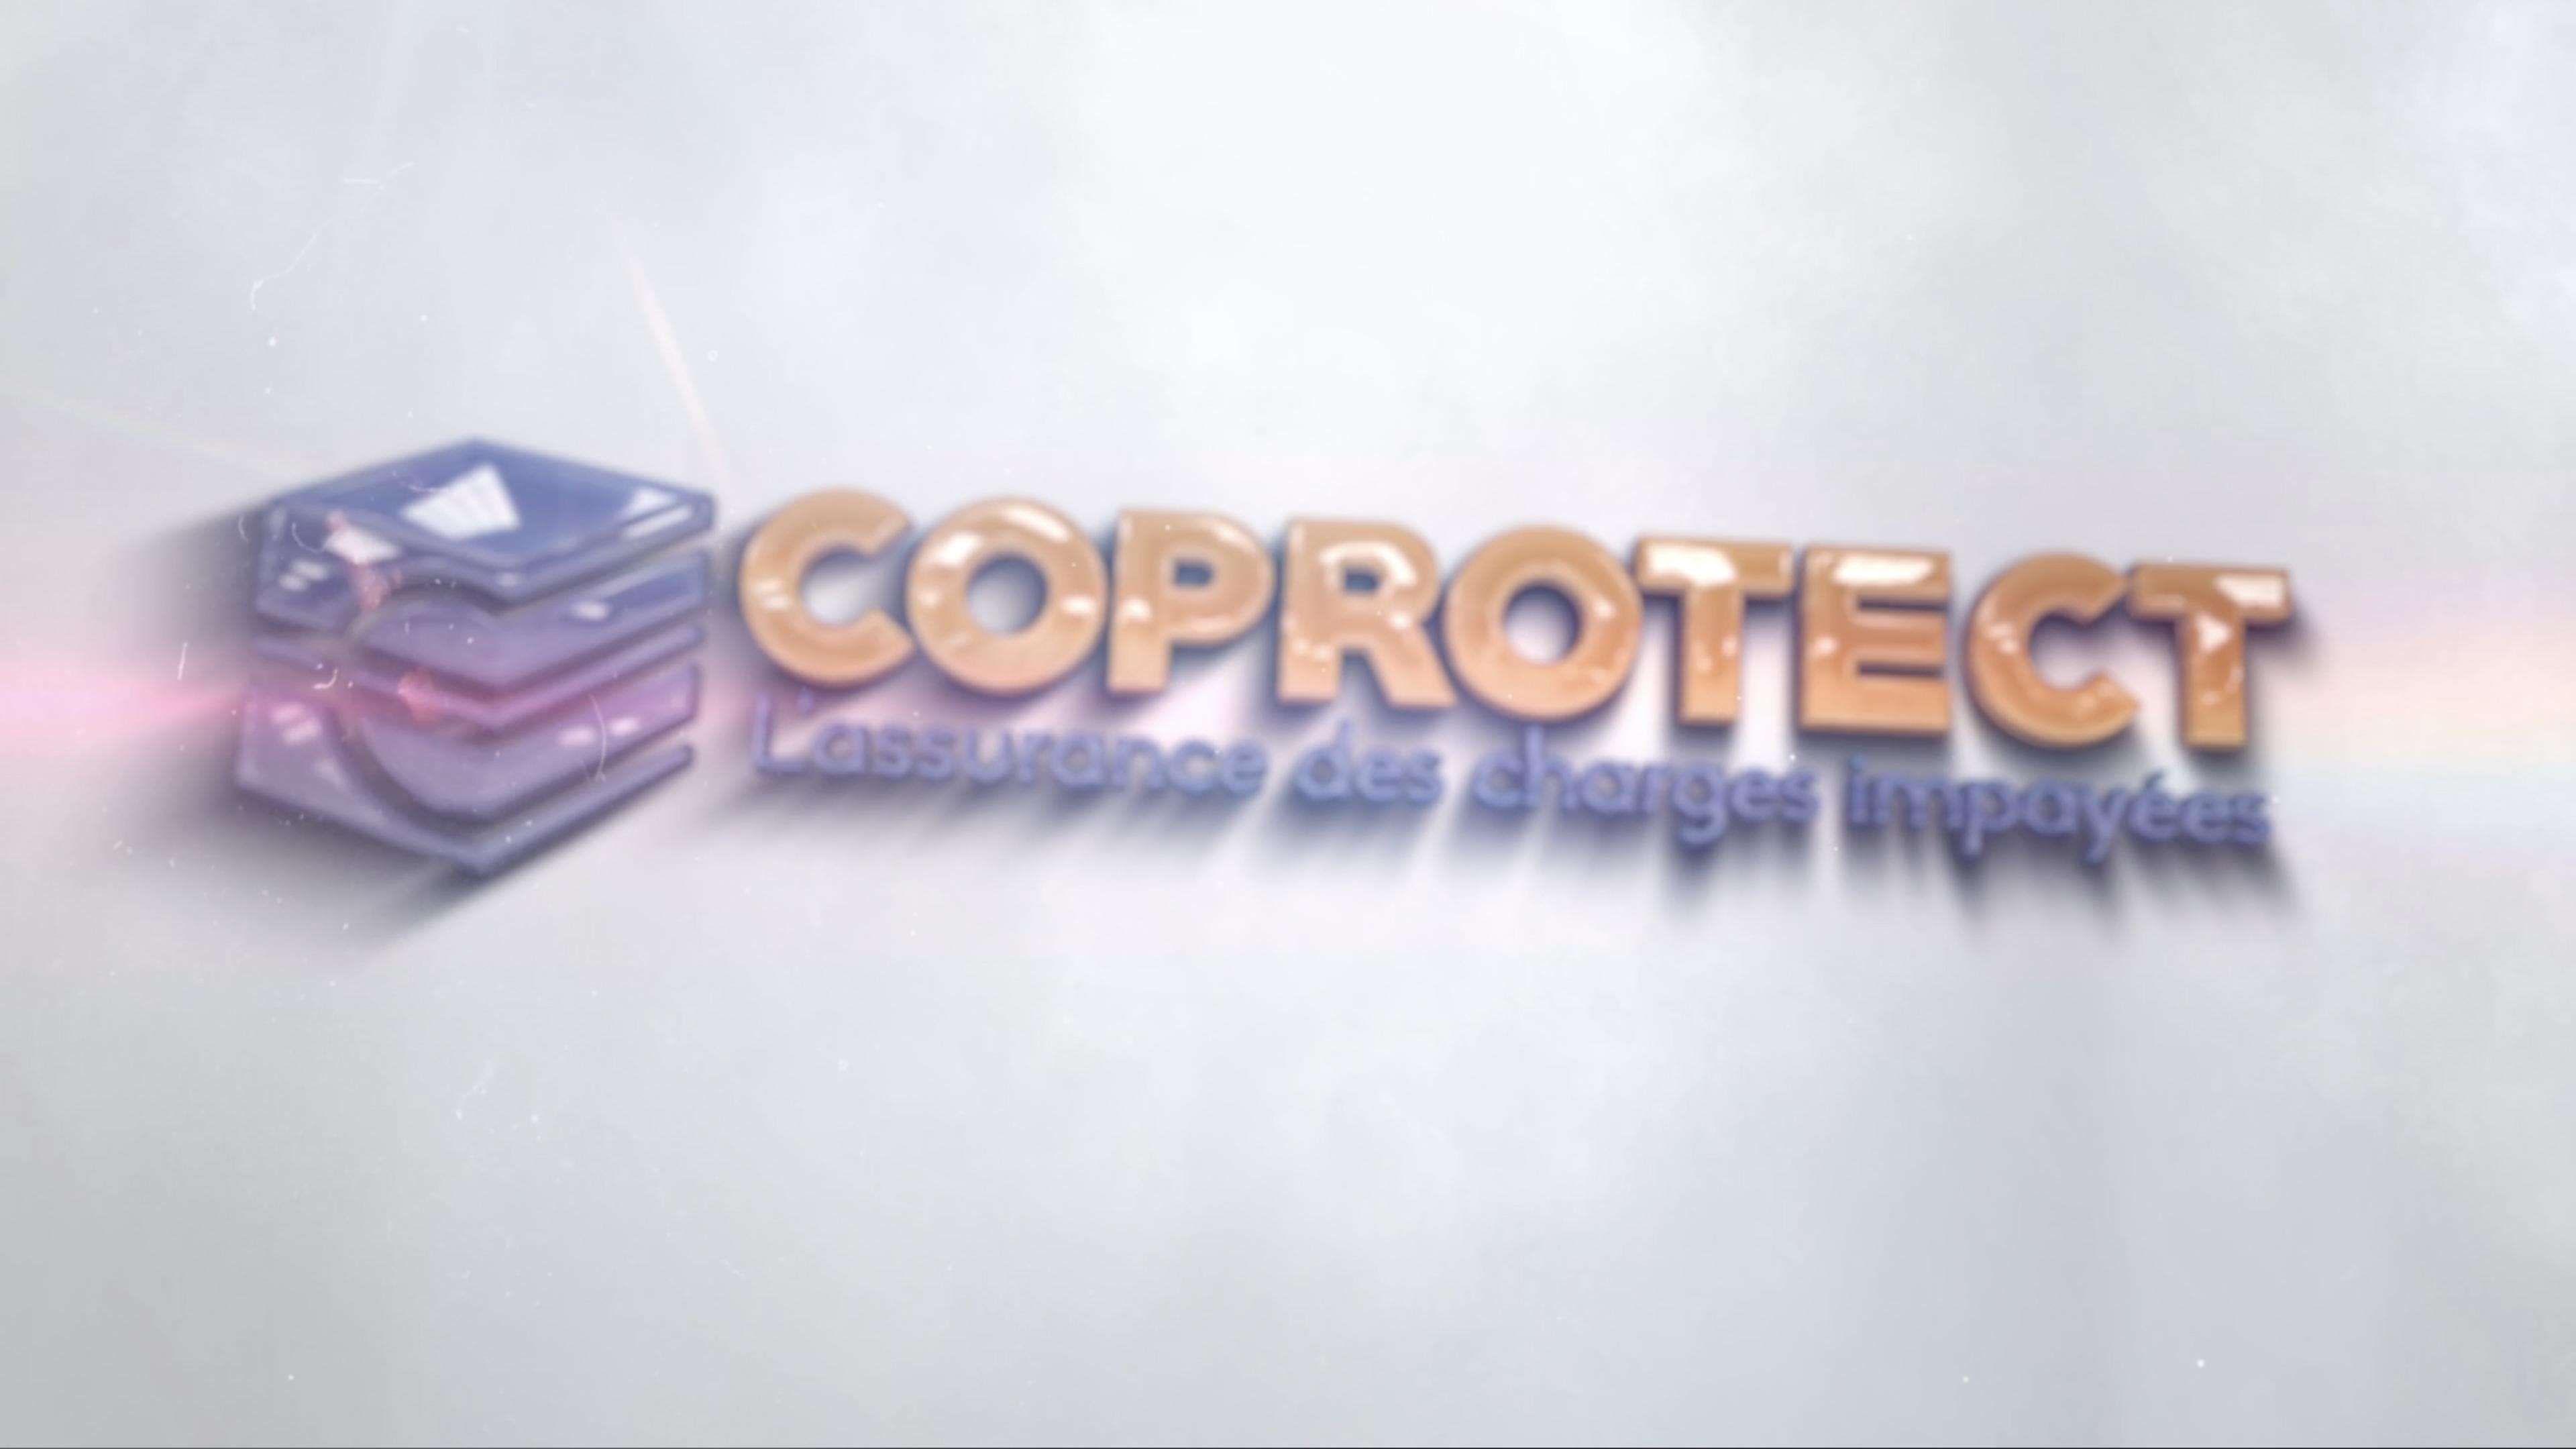 Coprotect - Épisode 1